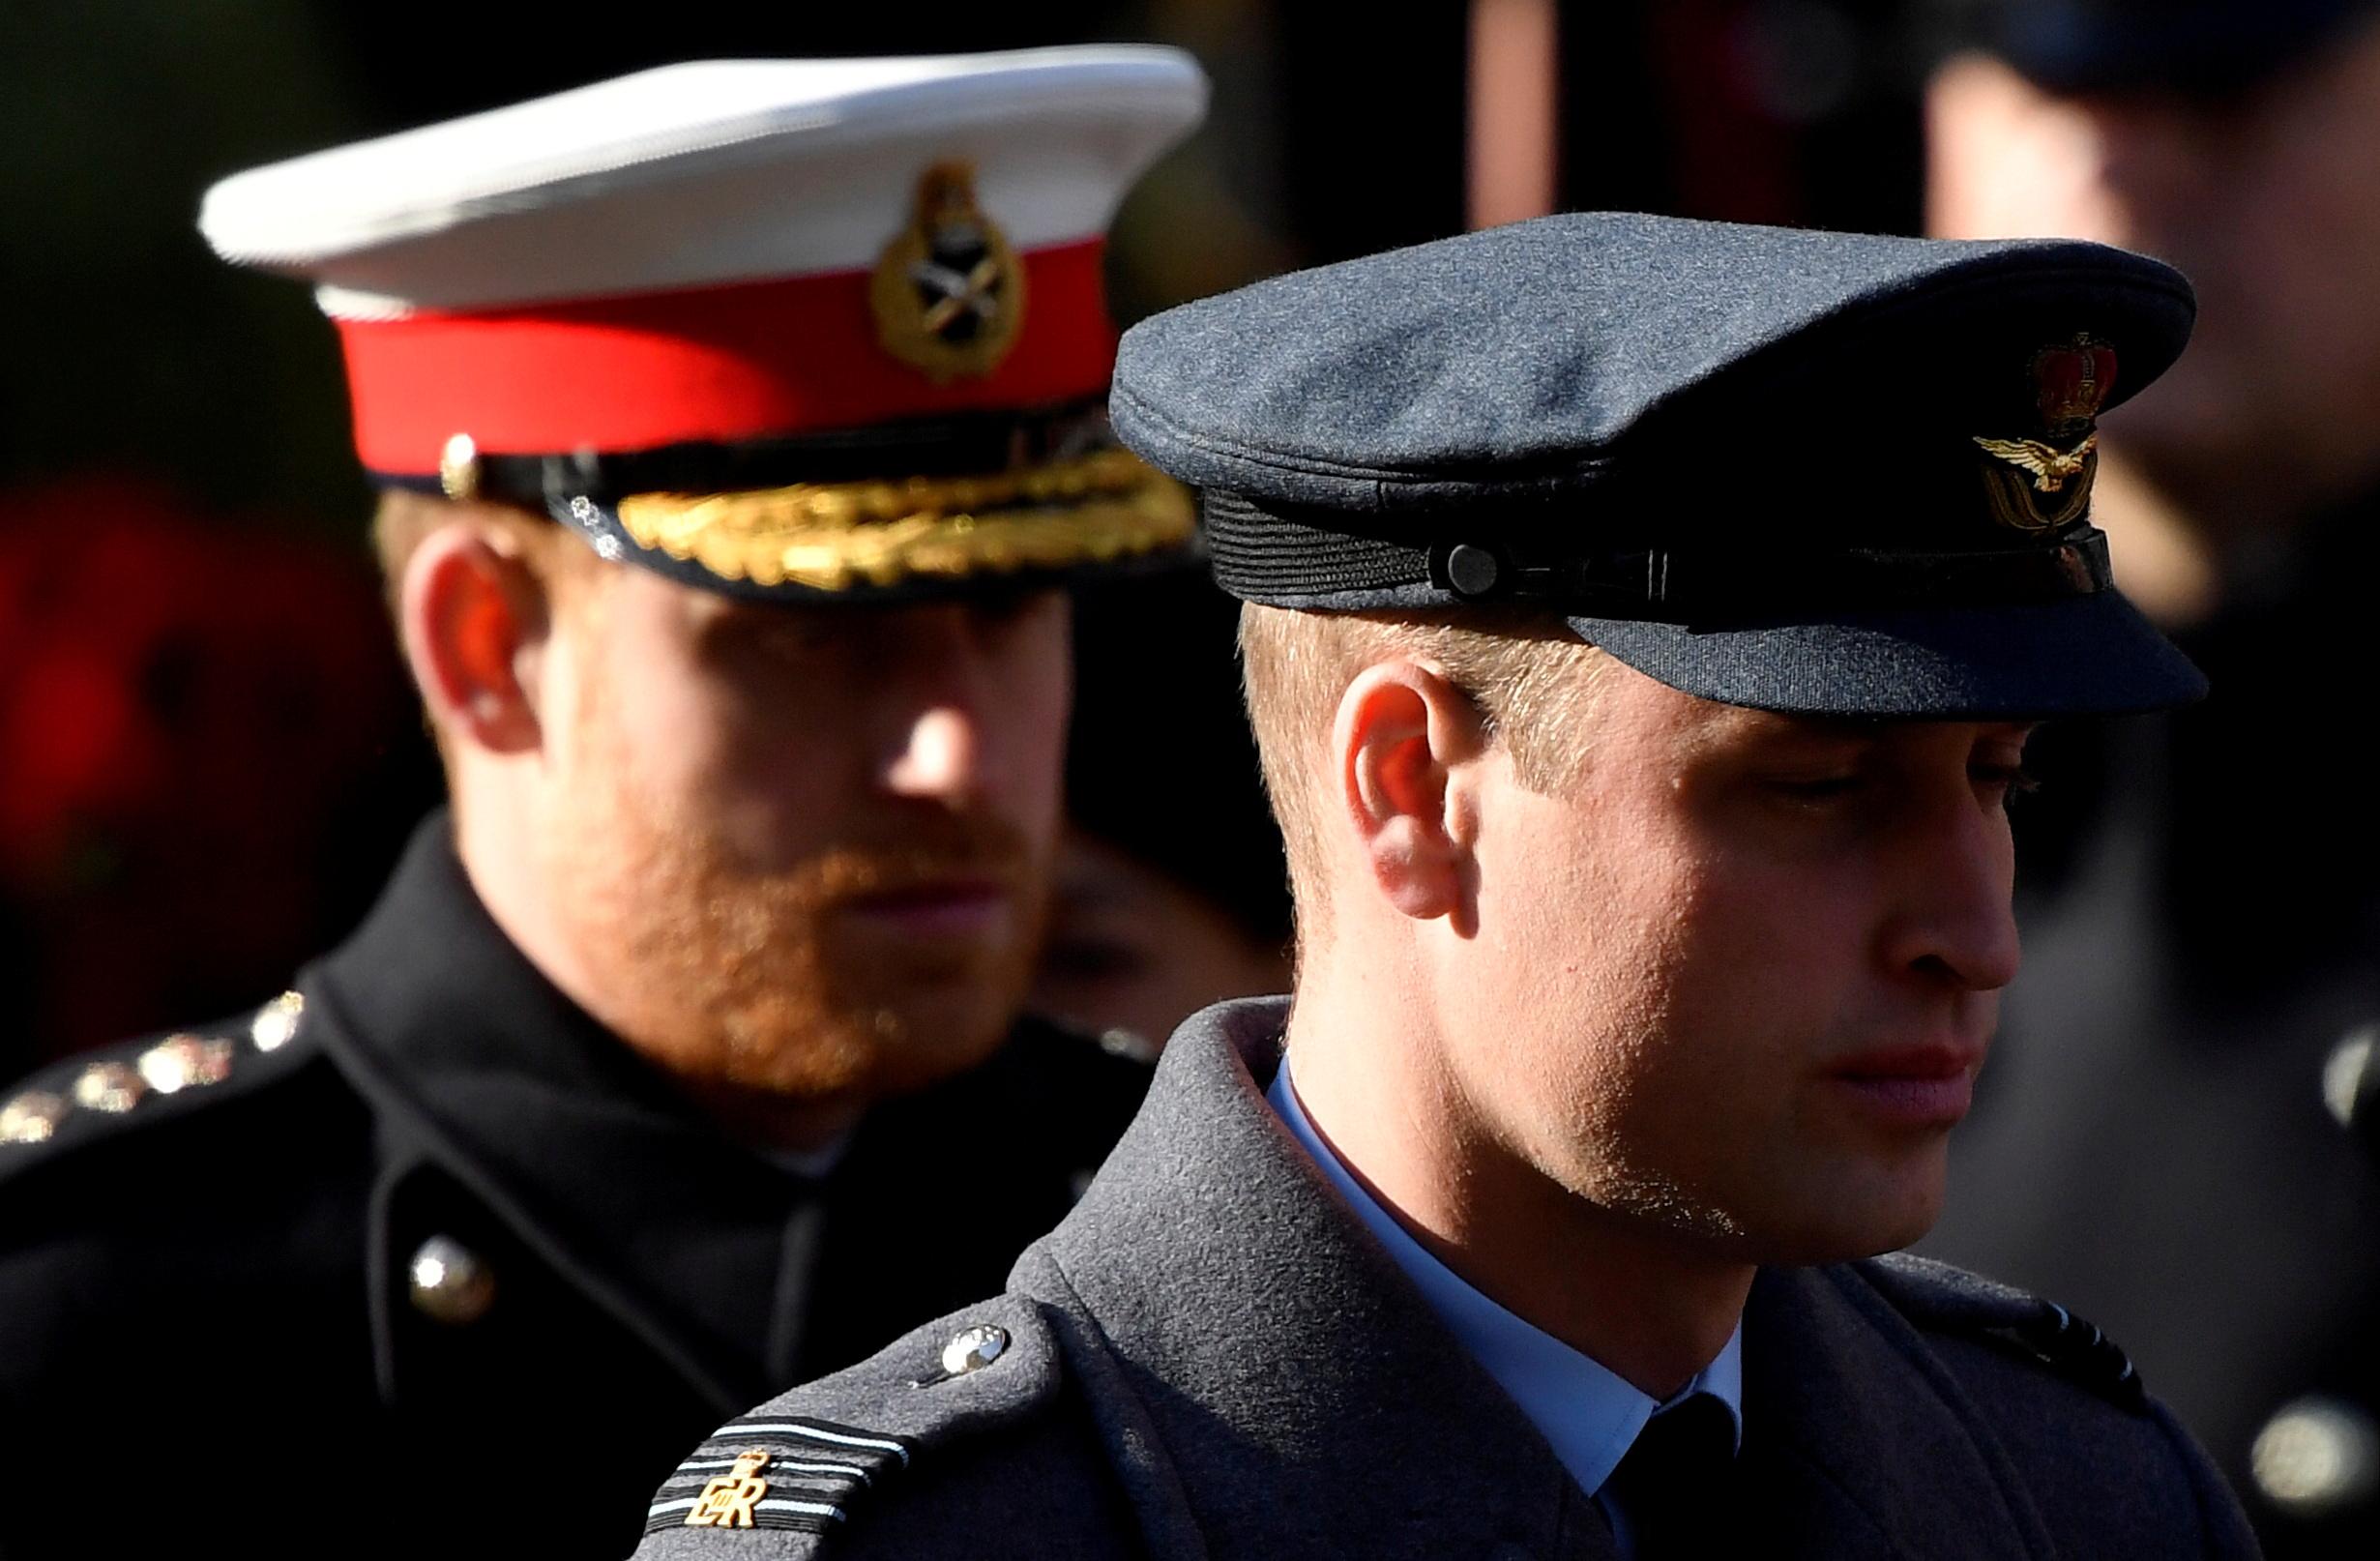 Πρίγκιπας Φίλιππος: Επιστρέφει στην Βρετανία ο Χάρι για να αποχαιρετίσει τον παππού του